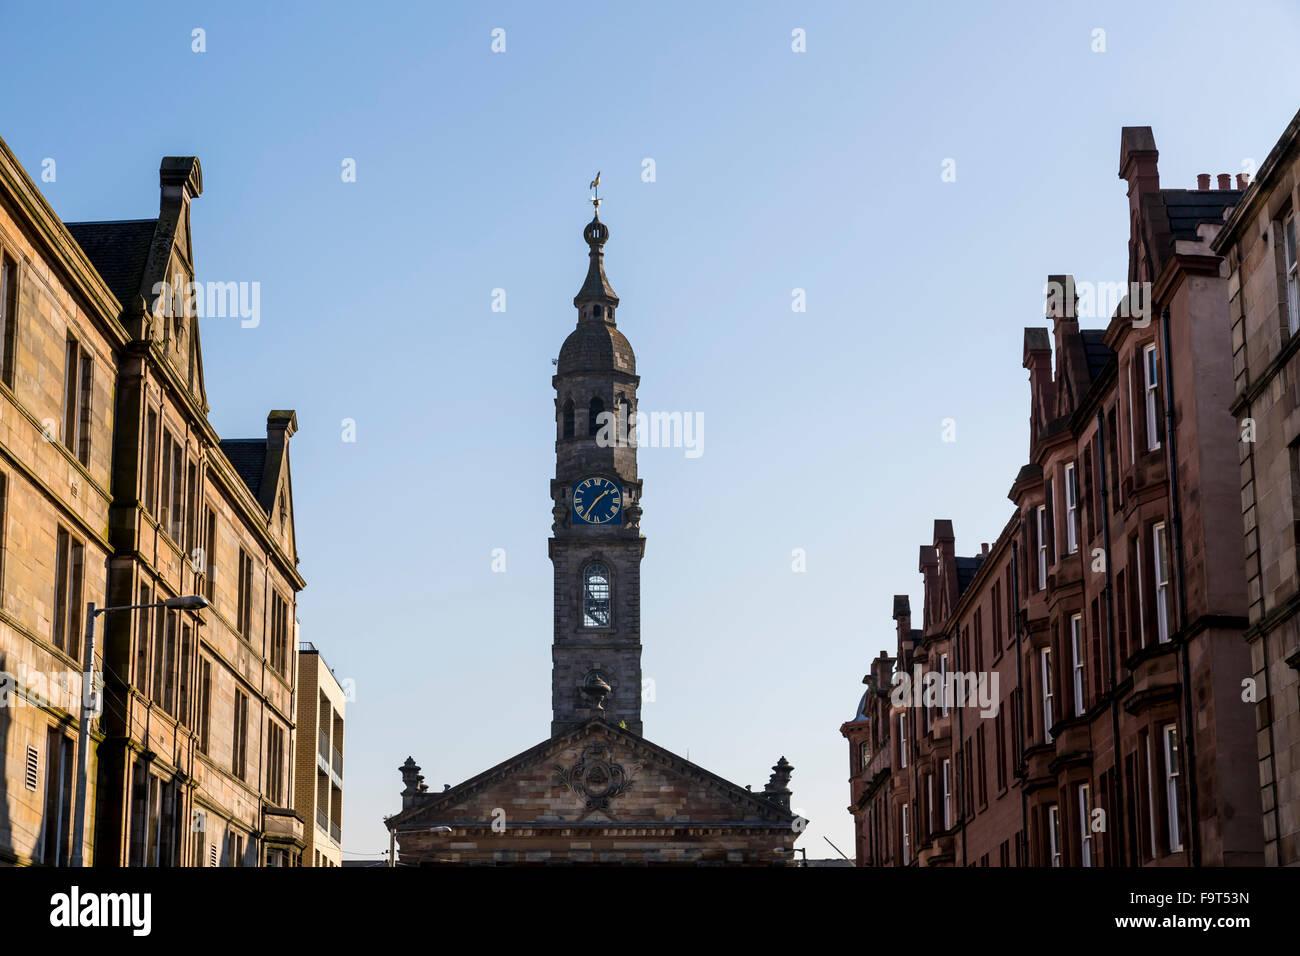 Clocher de St Andrews dans le Square church, Glasgow, Écosse, Royaume-Uni Banque D'Images